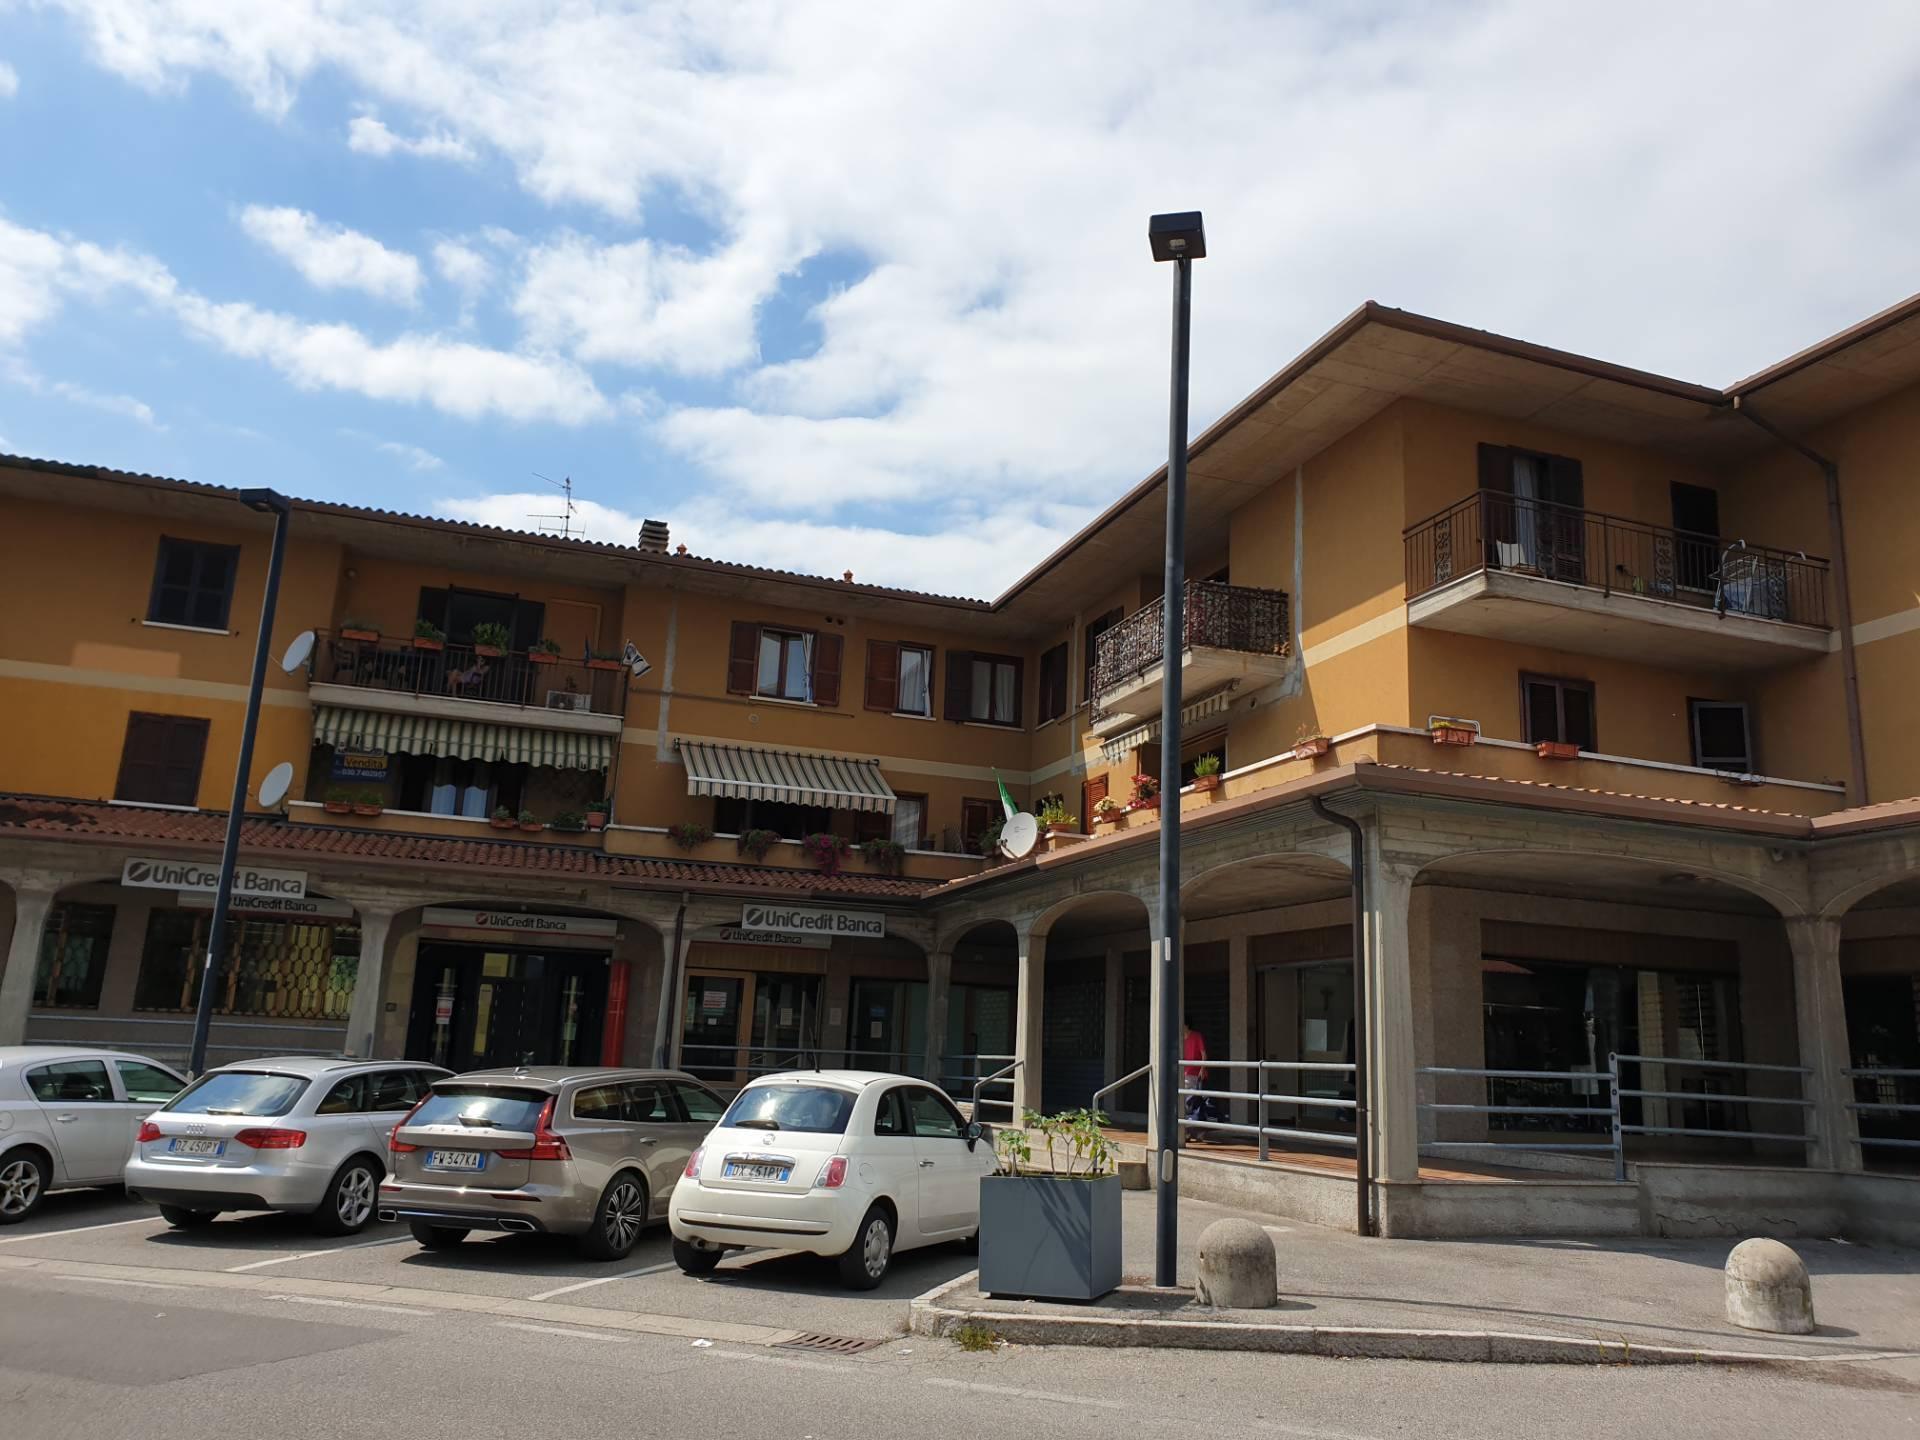 Appartamento in vendita a Castelli Calepio, 3 locali, prezzo € 120.000 | PortaleAgenzieImmobiliari.it